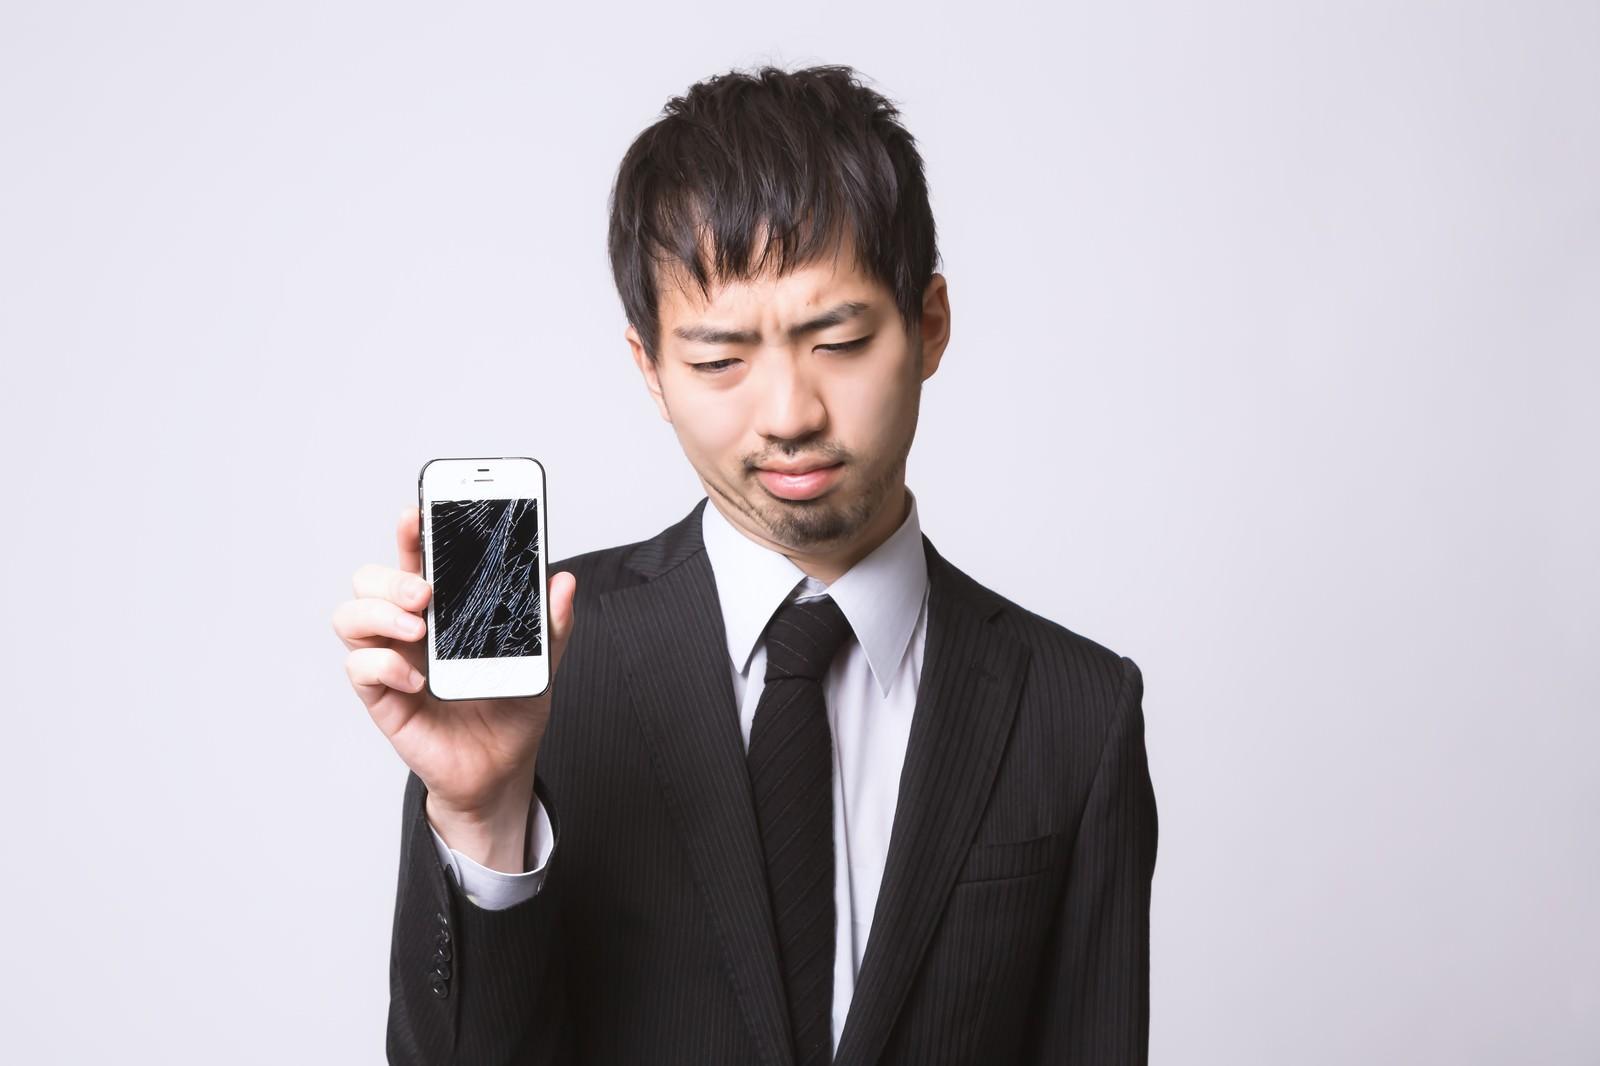 「スマートフォンを落としてガックリしている男性」の写真